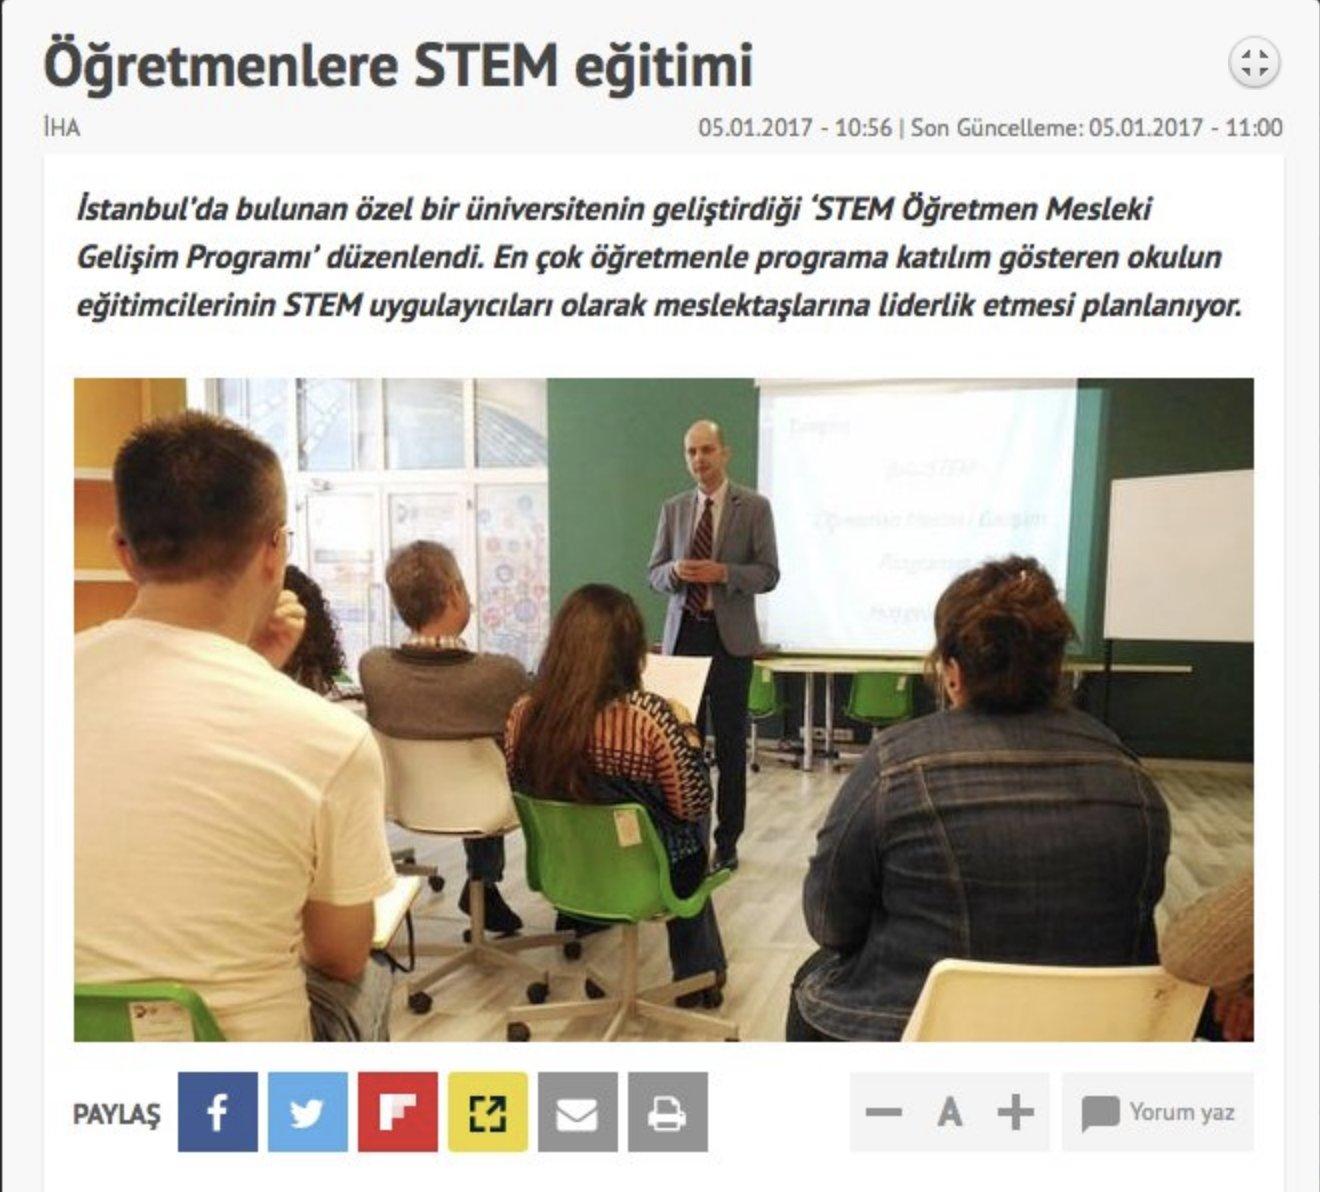 STM Bütünleşik Öğretmenlik Projesi ulusal medyada